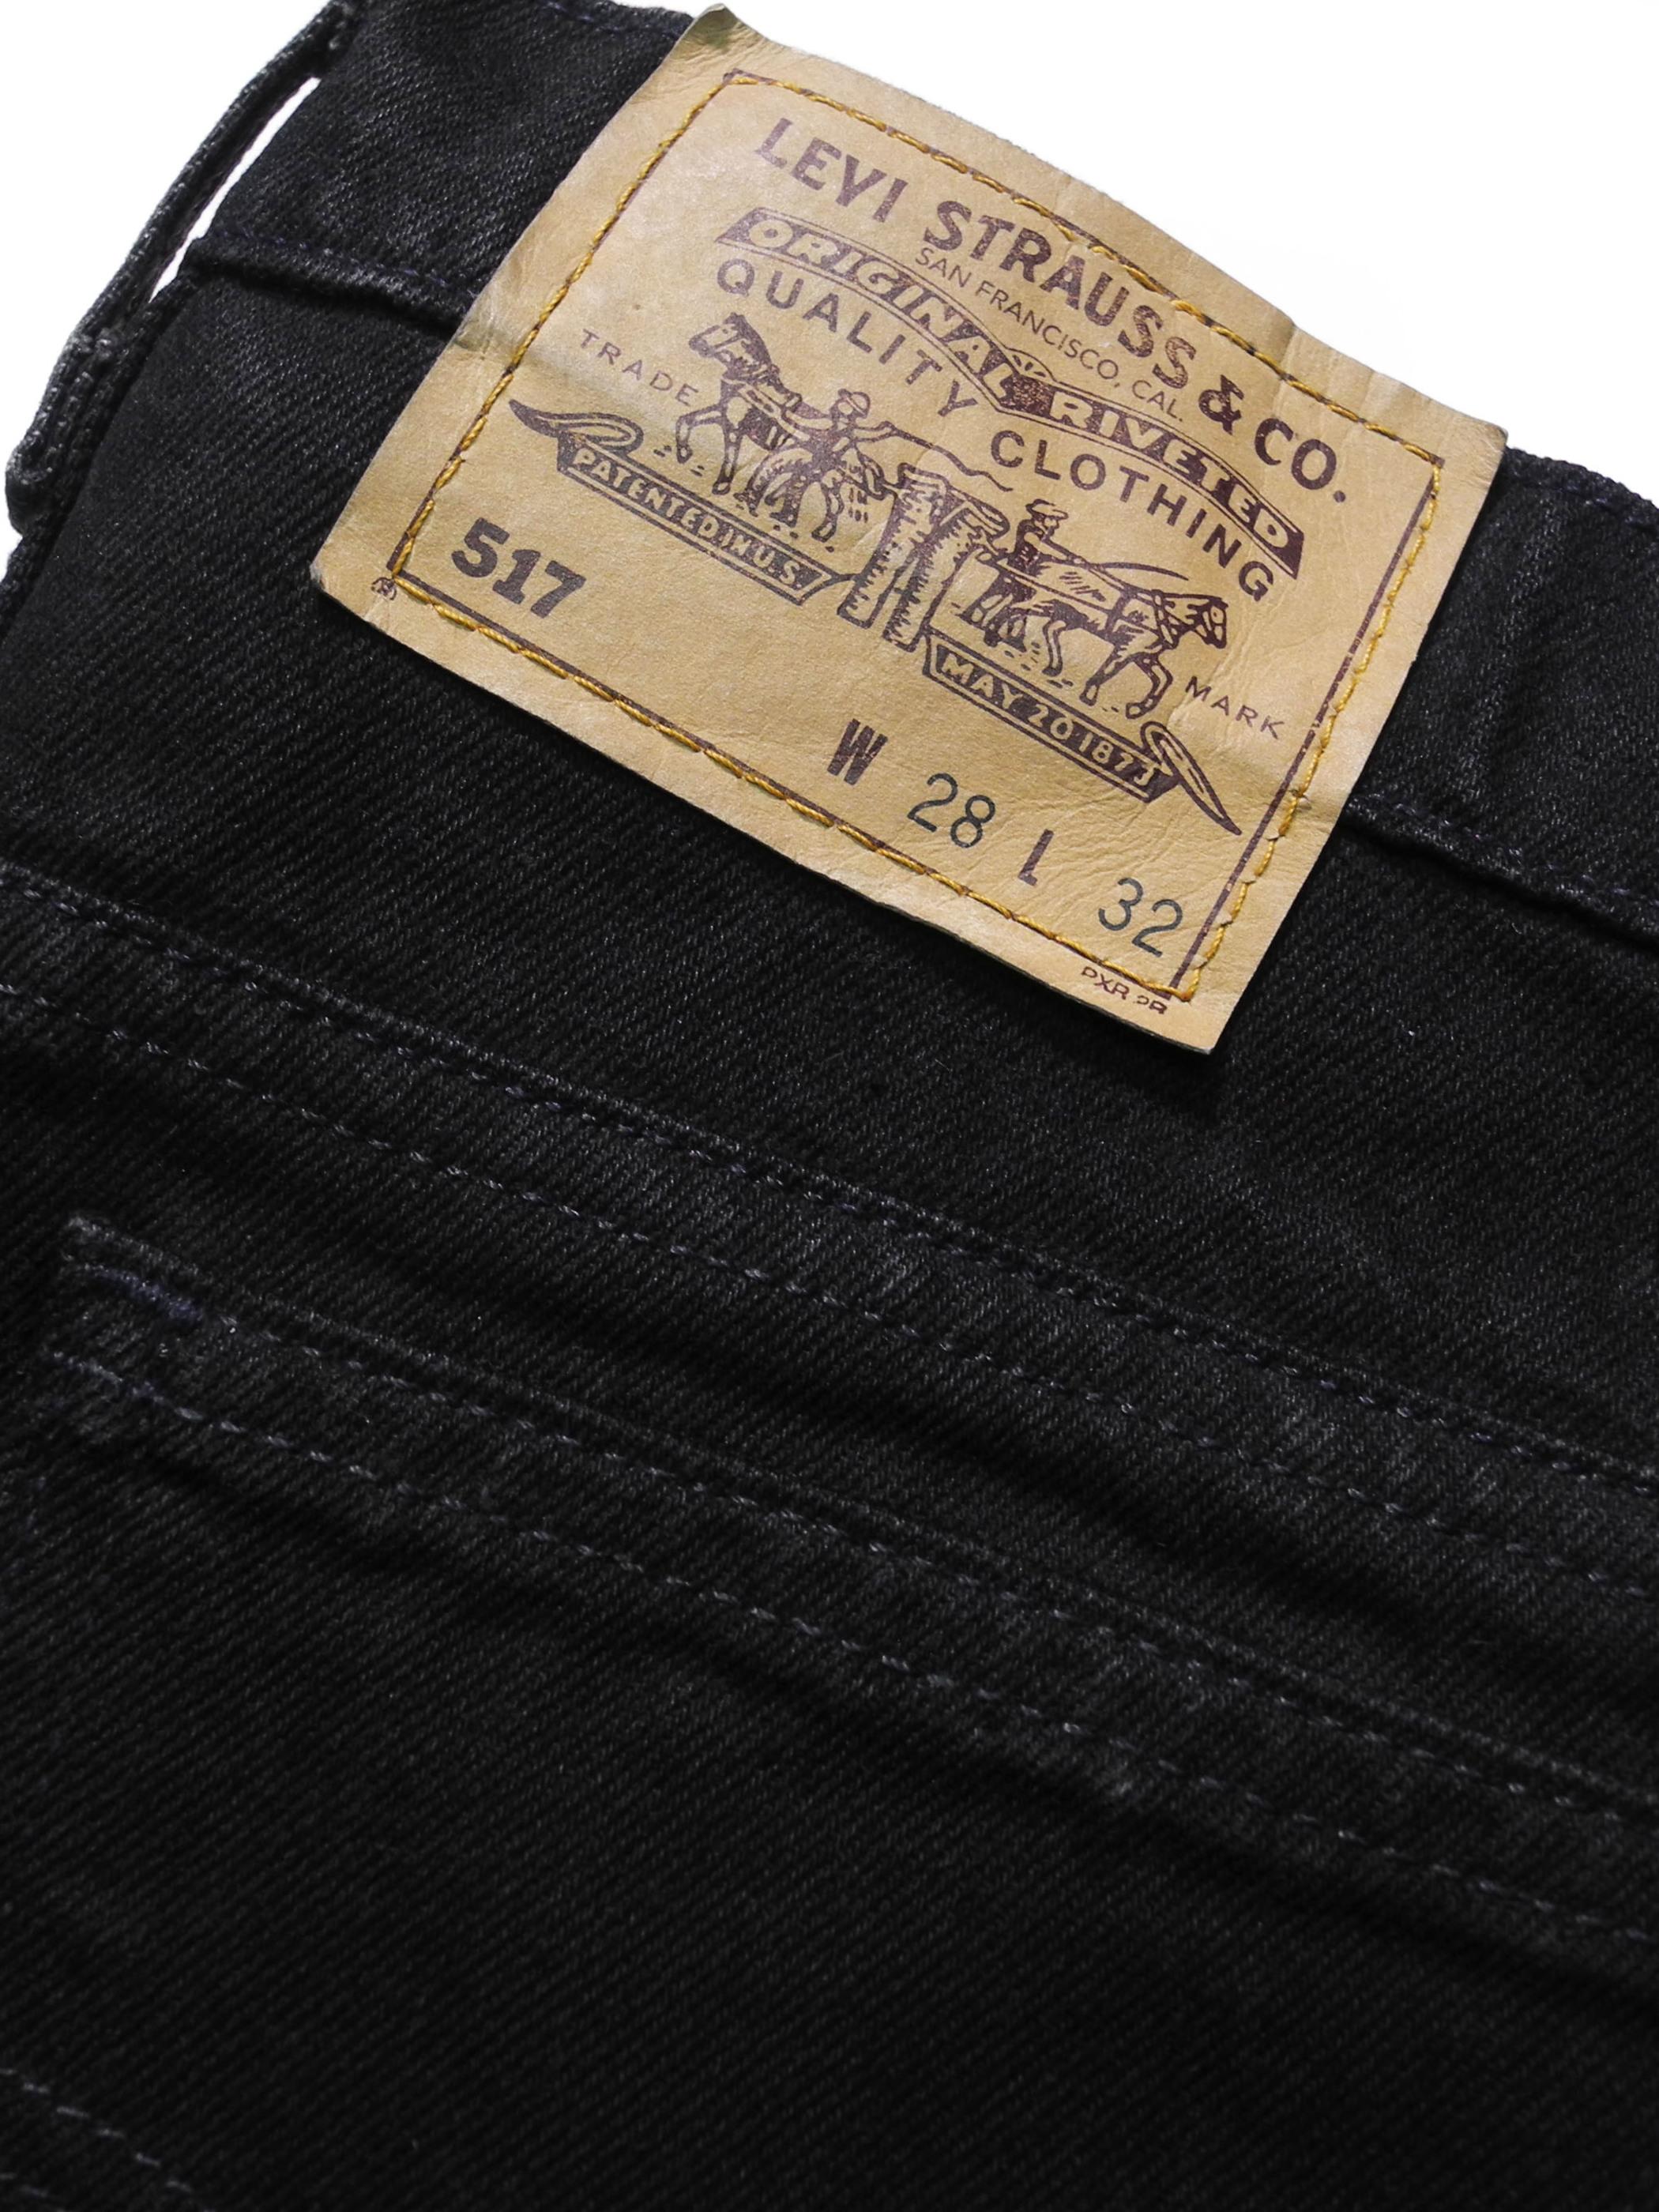 DEADSTOCK LEVI'S 517 DENIM PANTS made in USA BLACK